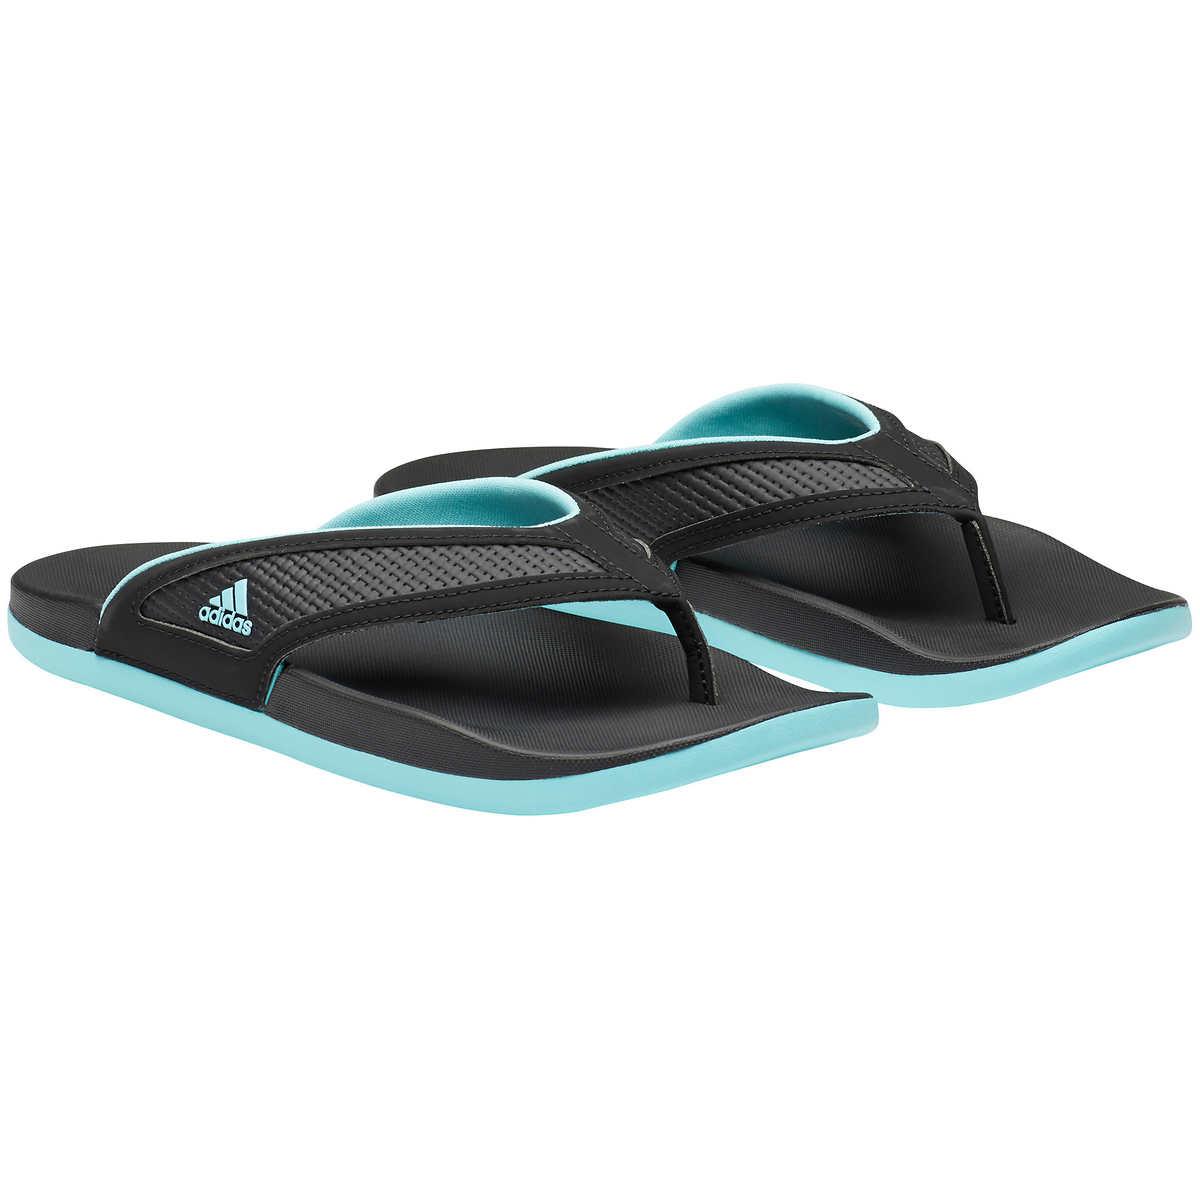 43aadfbe1 ... adidas Ladies' Flip Flop Sandal. black 1 black 1